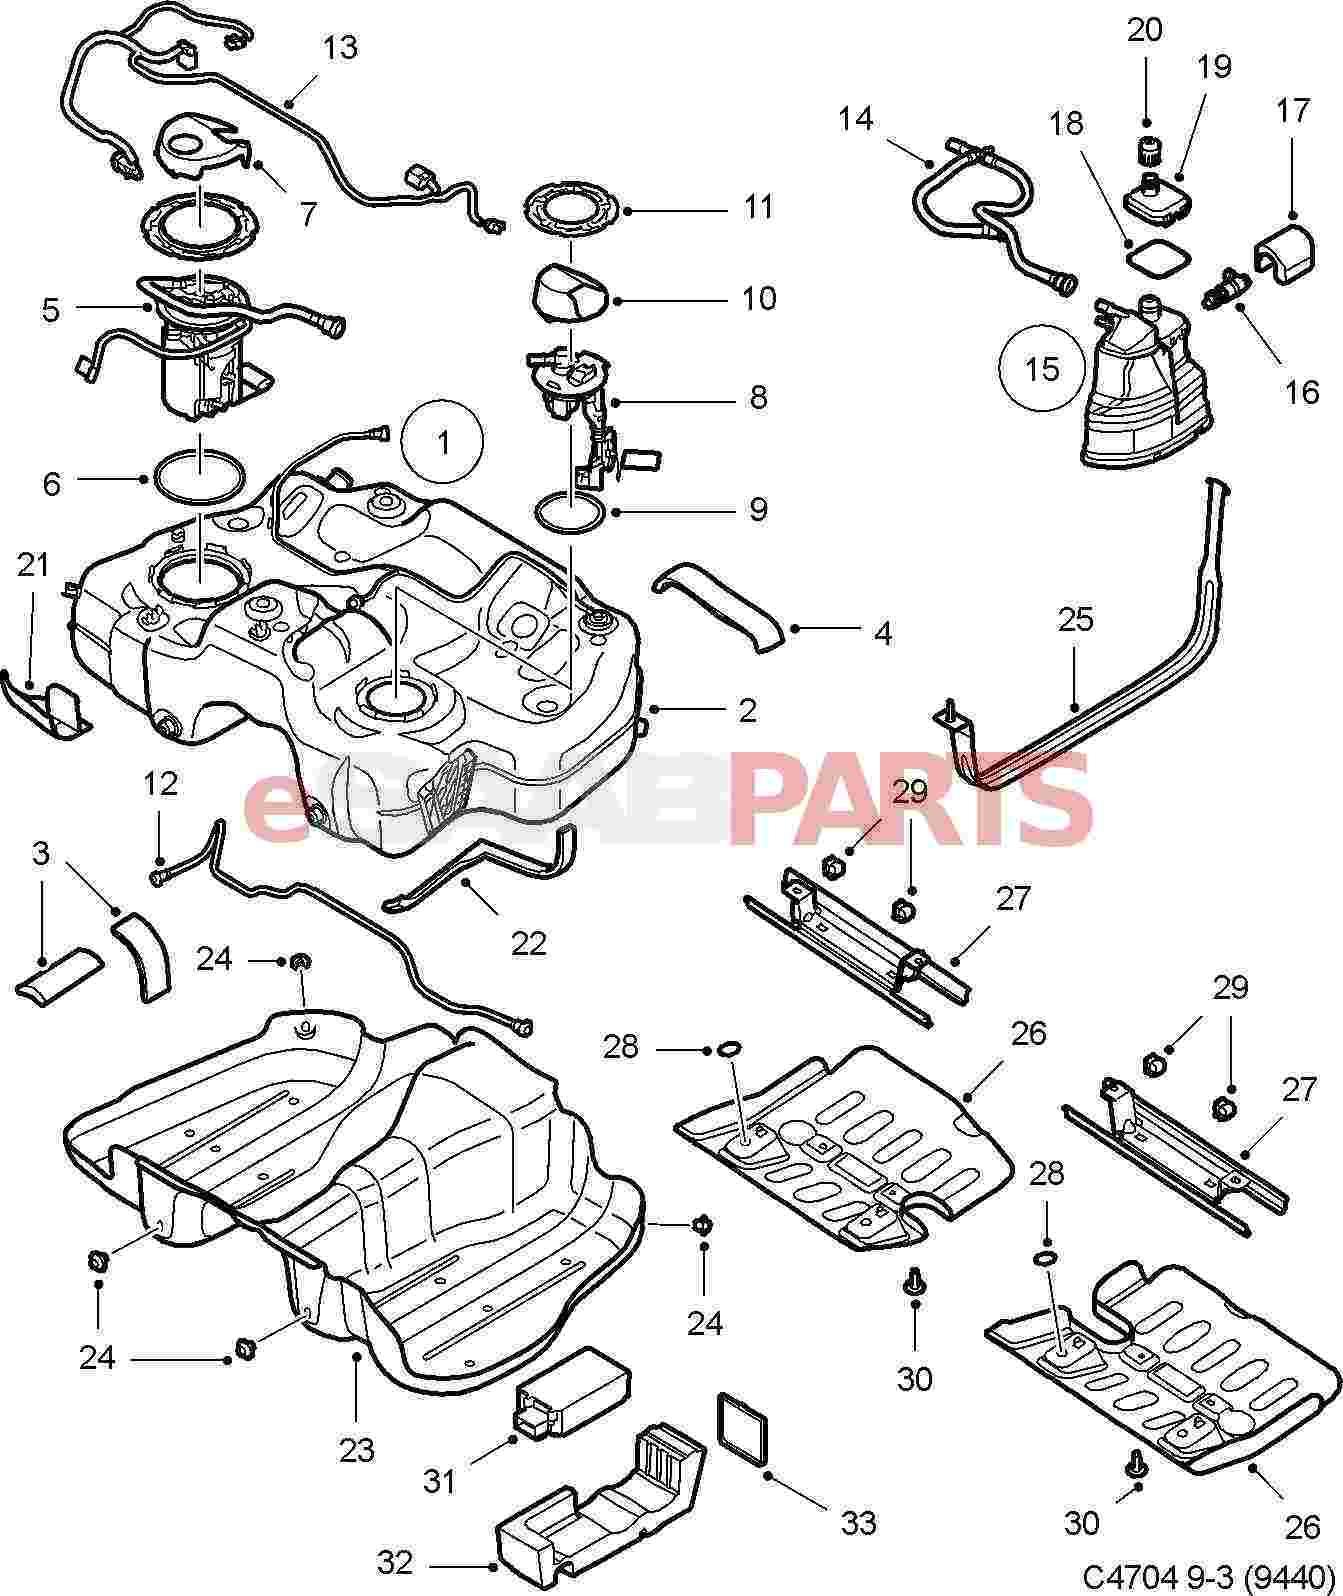 land rover fuel pump diagram [12780869] saab fuel pump (v6 xwd) - genuine saab parts from esaabparts.com saab fuel pump diagram